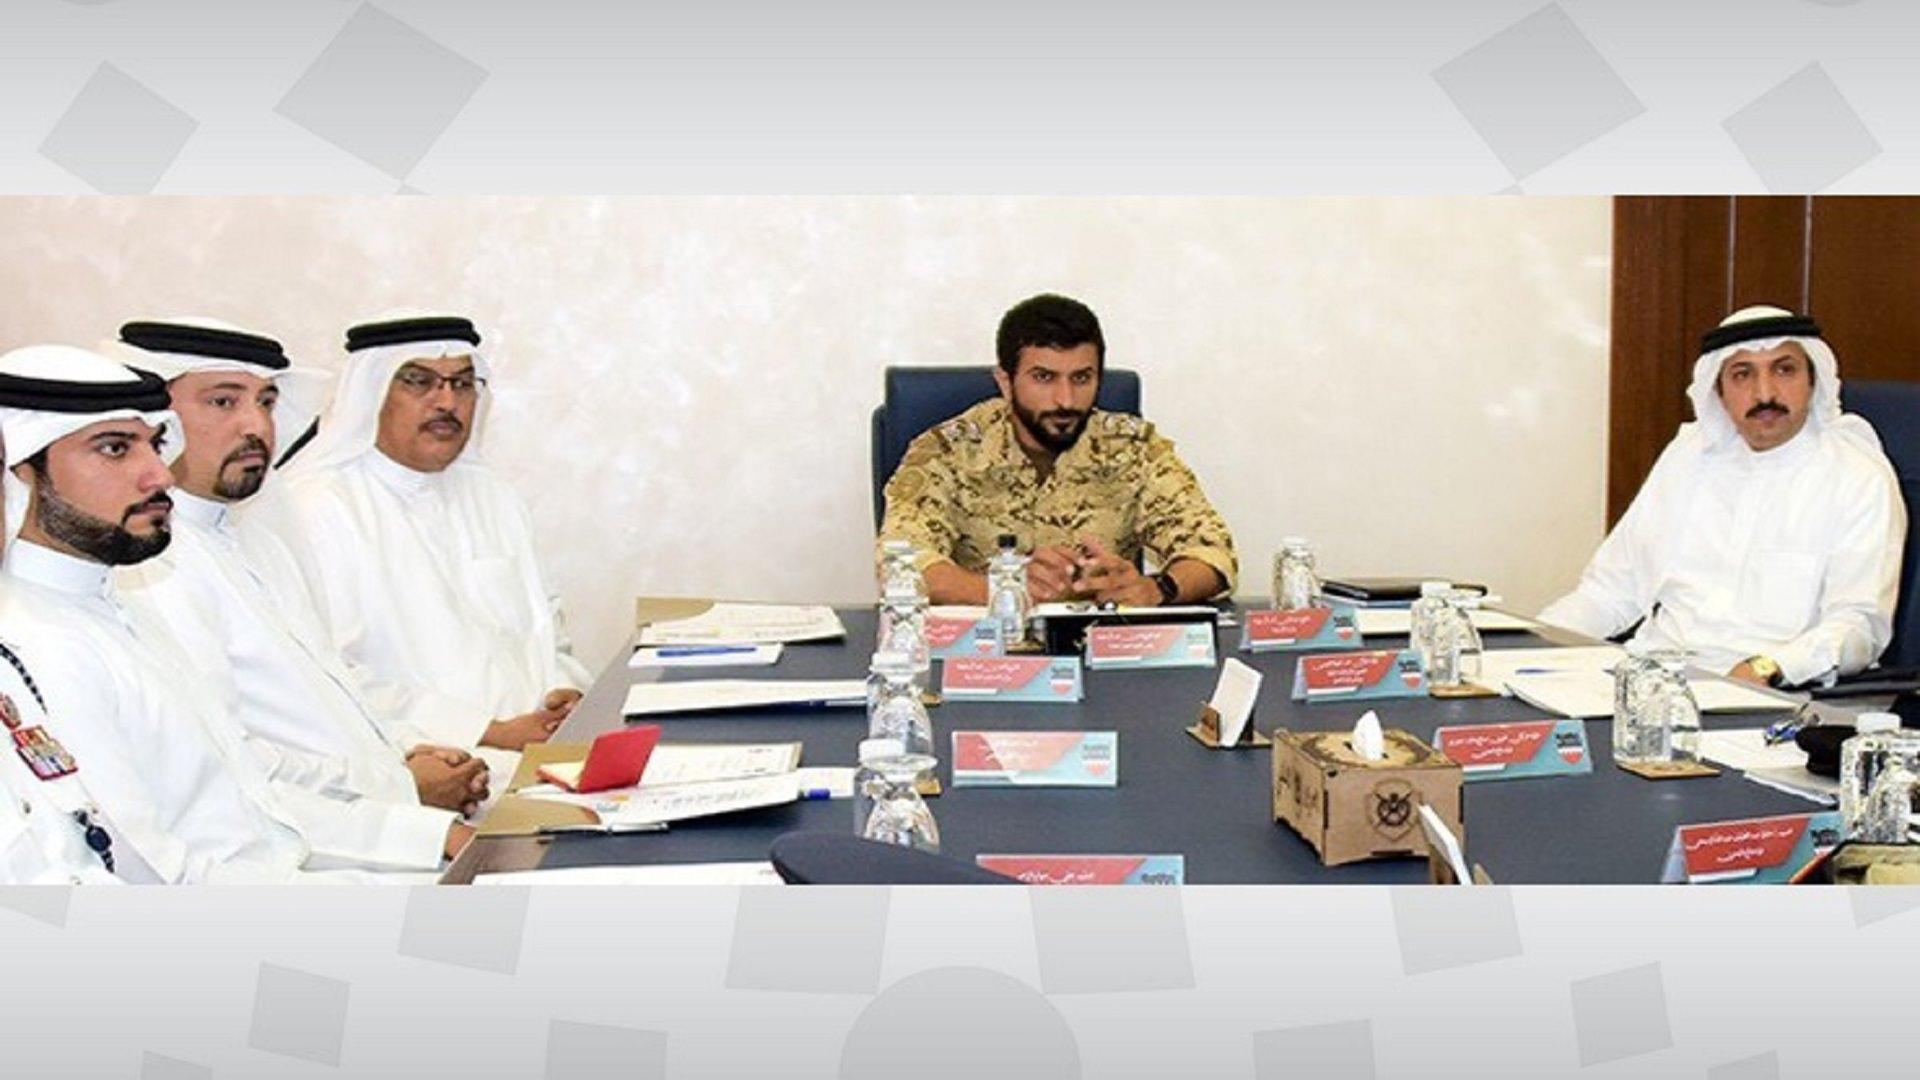 سمو قائد الحرس الملكي يترأس الاجتماع التنظيمي لمعرض ومؤتمر البحرين الدولي للدفاع 2019م